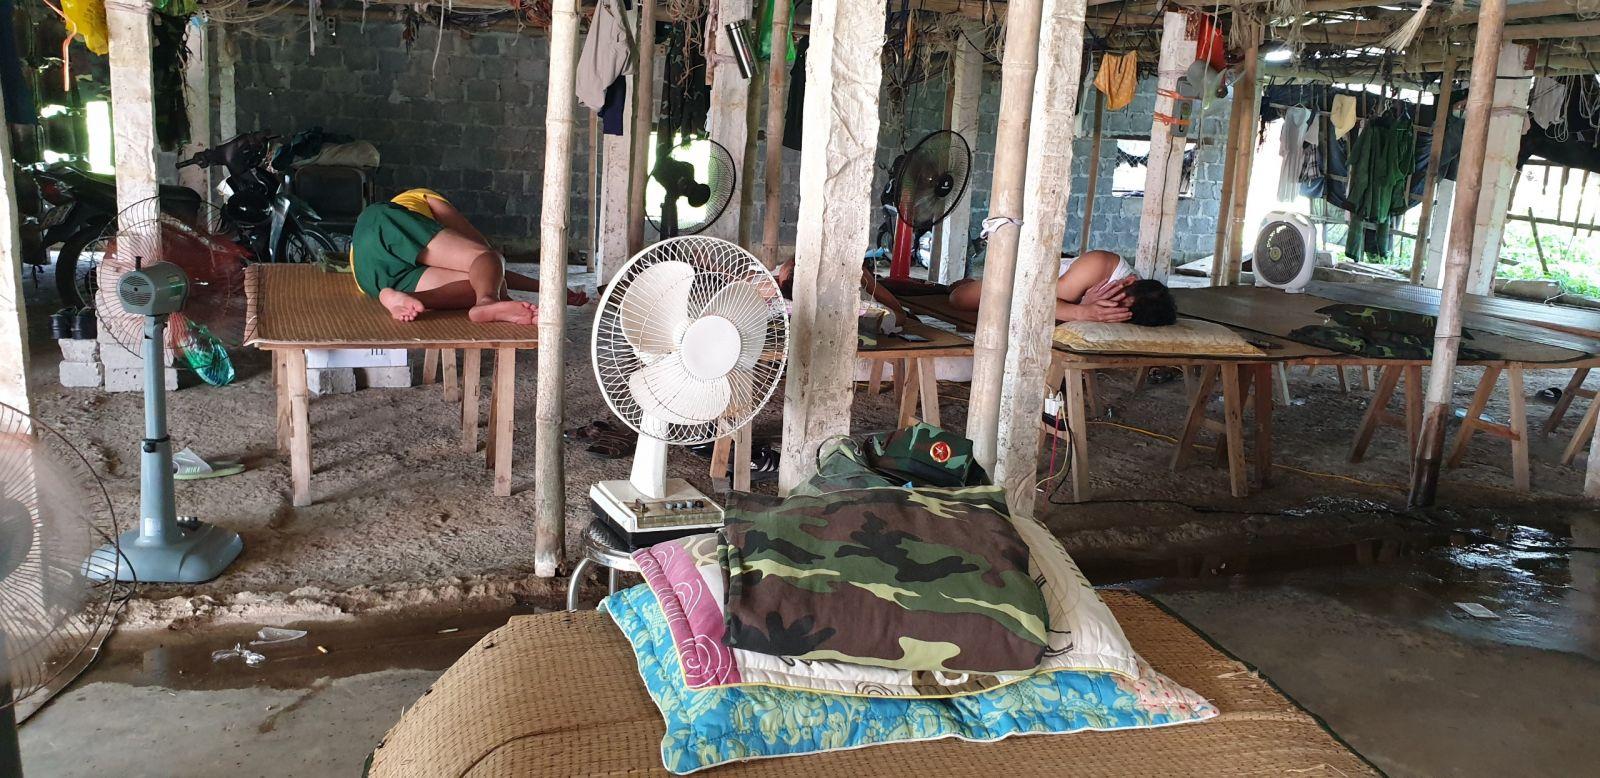 2. Tại chốt sông Hóa, anh em ái ngại ăn ngủ nhờ ở cơ sở trồng nấm không biết đến bao giờ